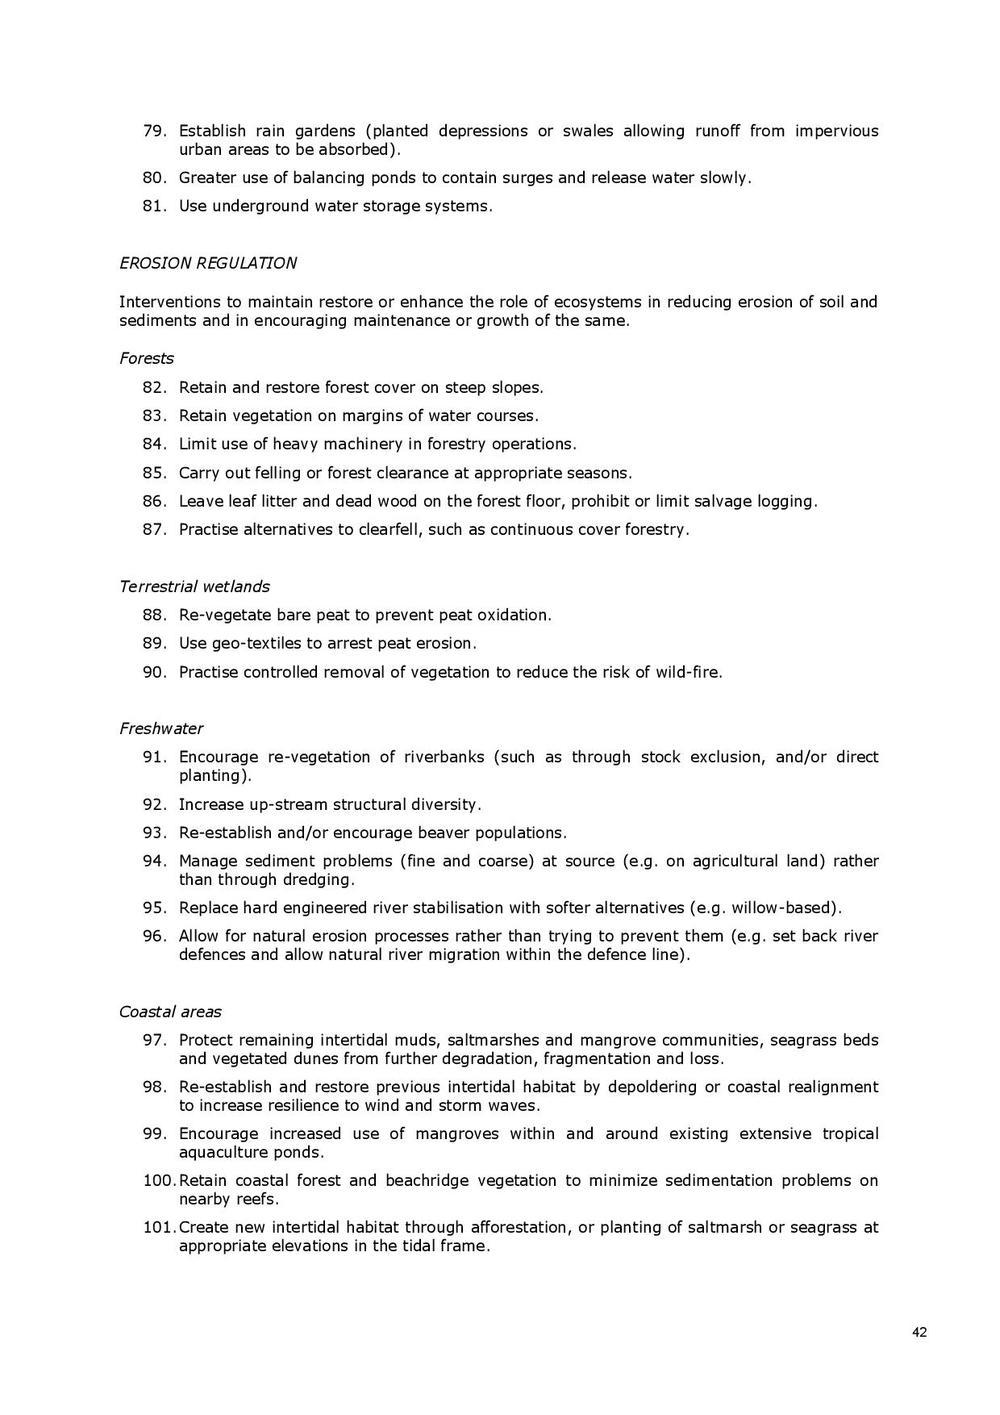 DG RTD_WEB-Publication A4_NBS_long_version_20150310-page-044.jpg